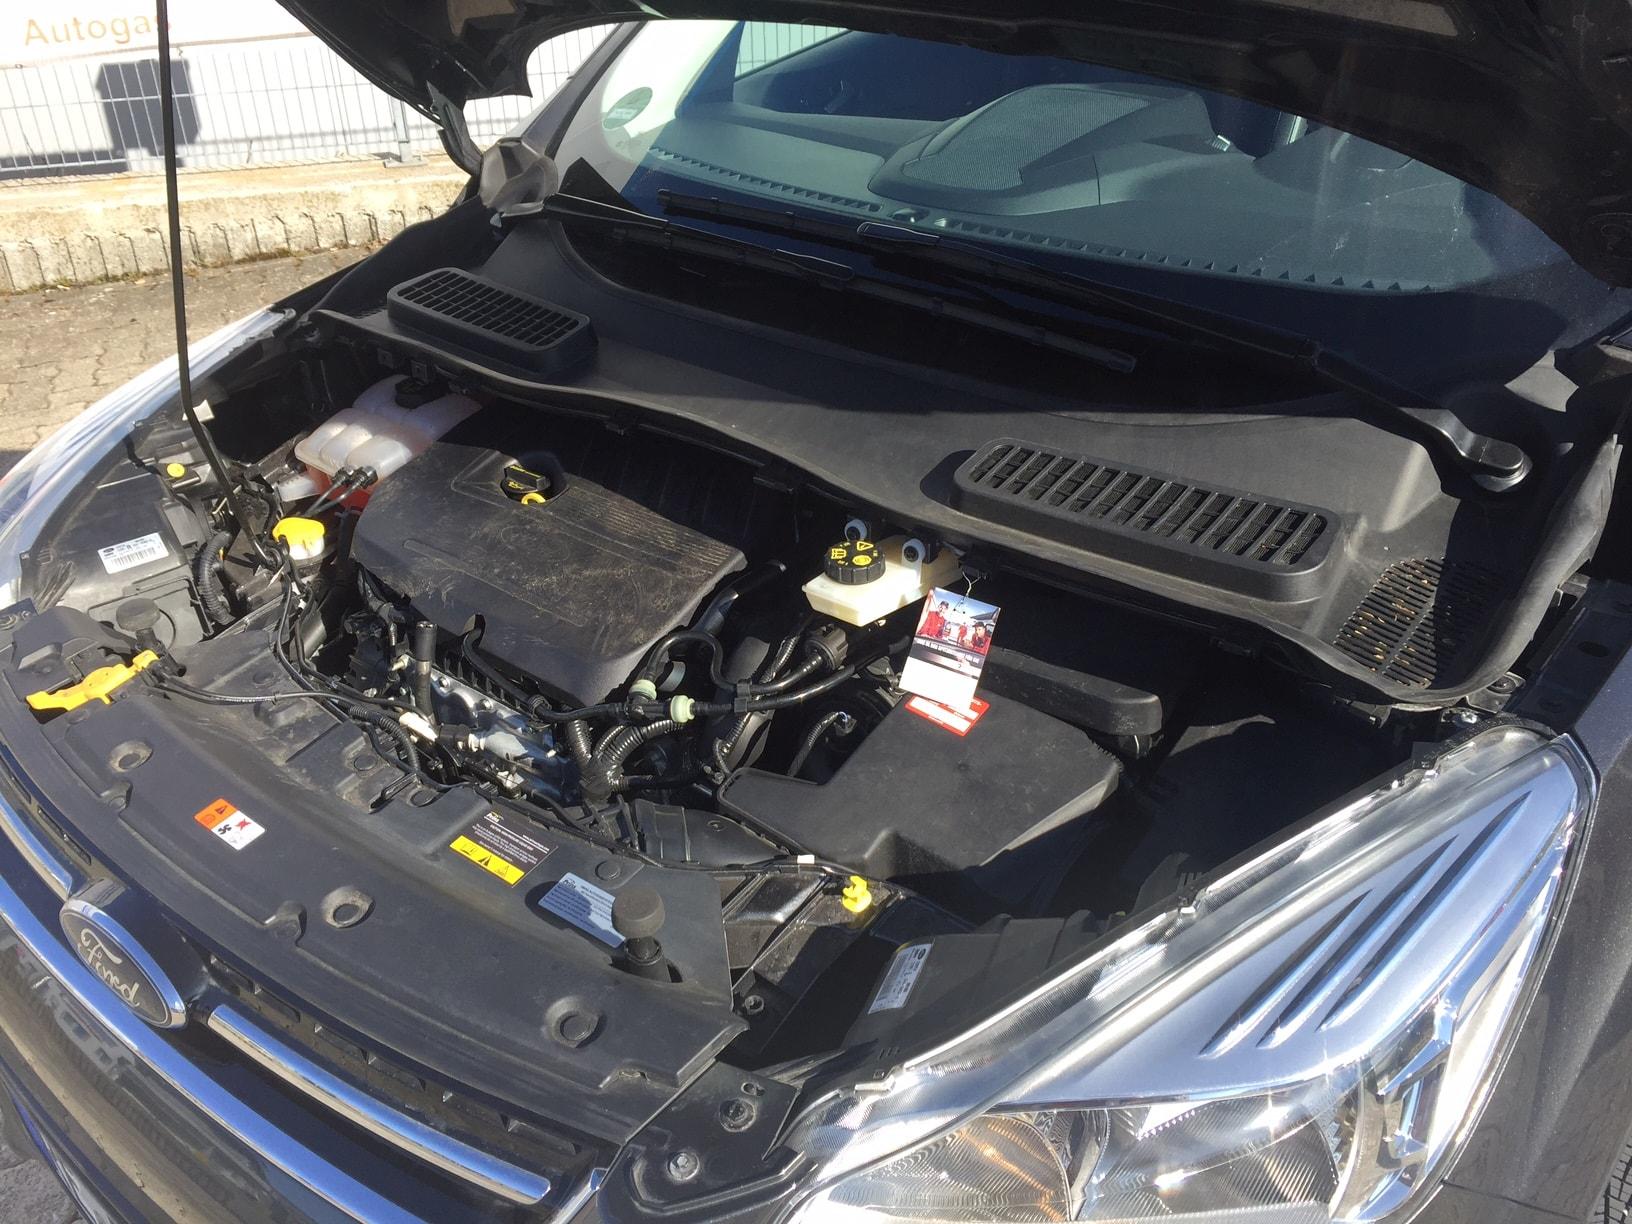 Autogas-R115-Umrüstung-auf-LPG-Autogas_Ford-Kuga-1,5Ecoboost-Direkteinspritzer-Prins-DLM-Motor